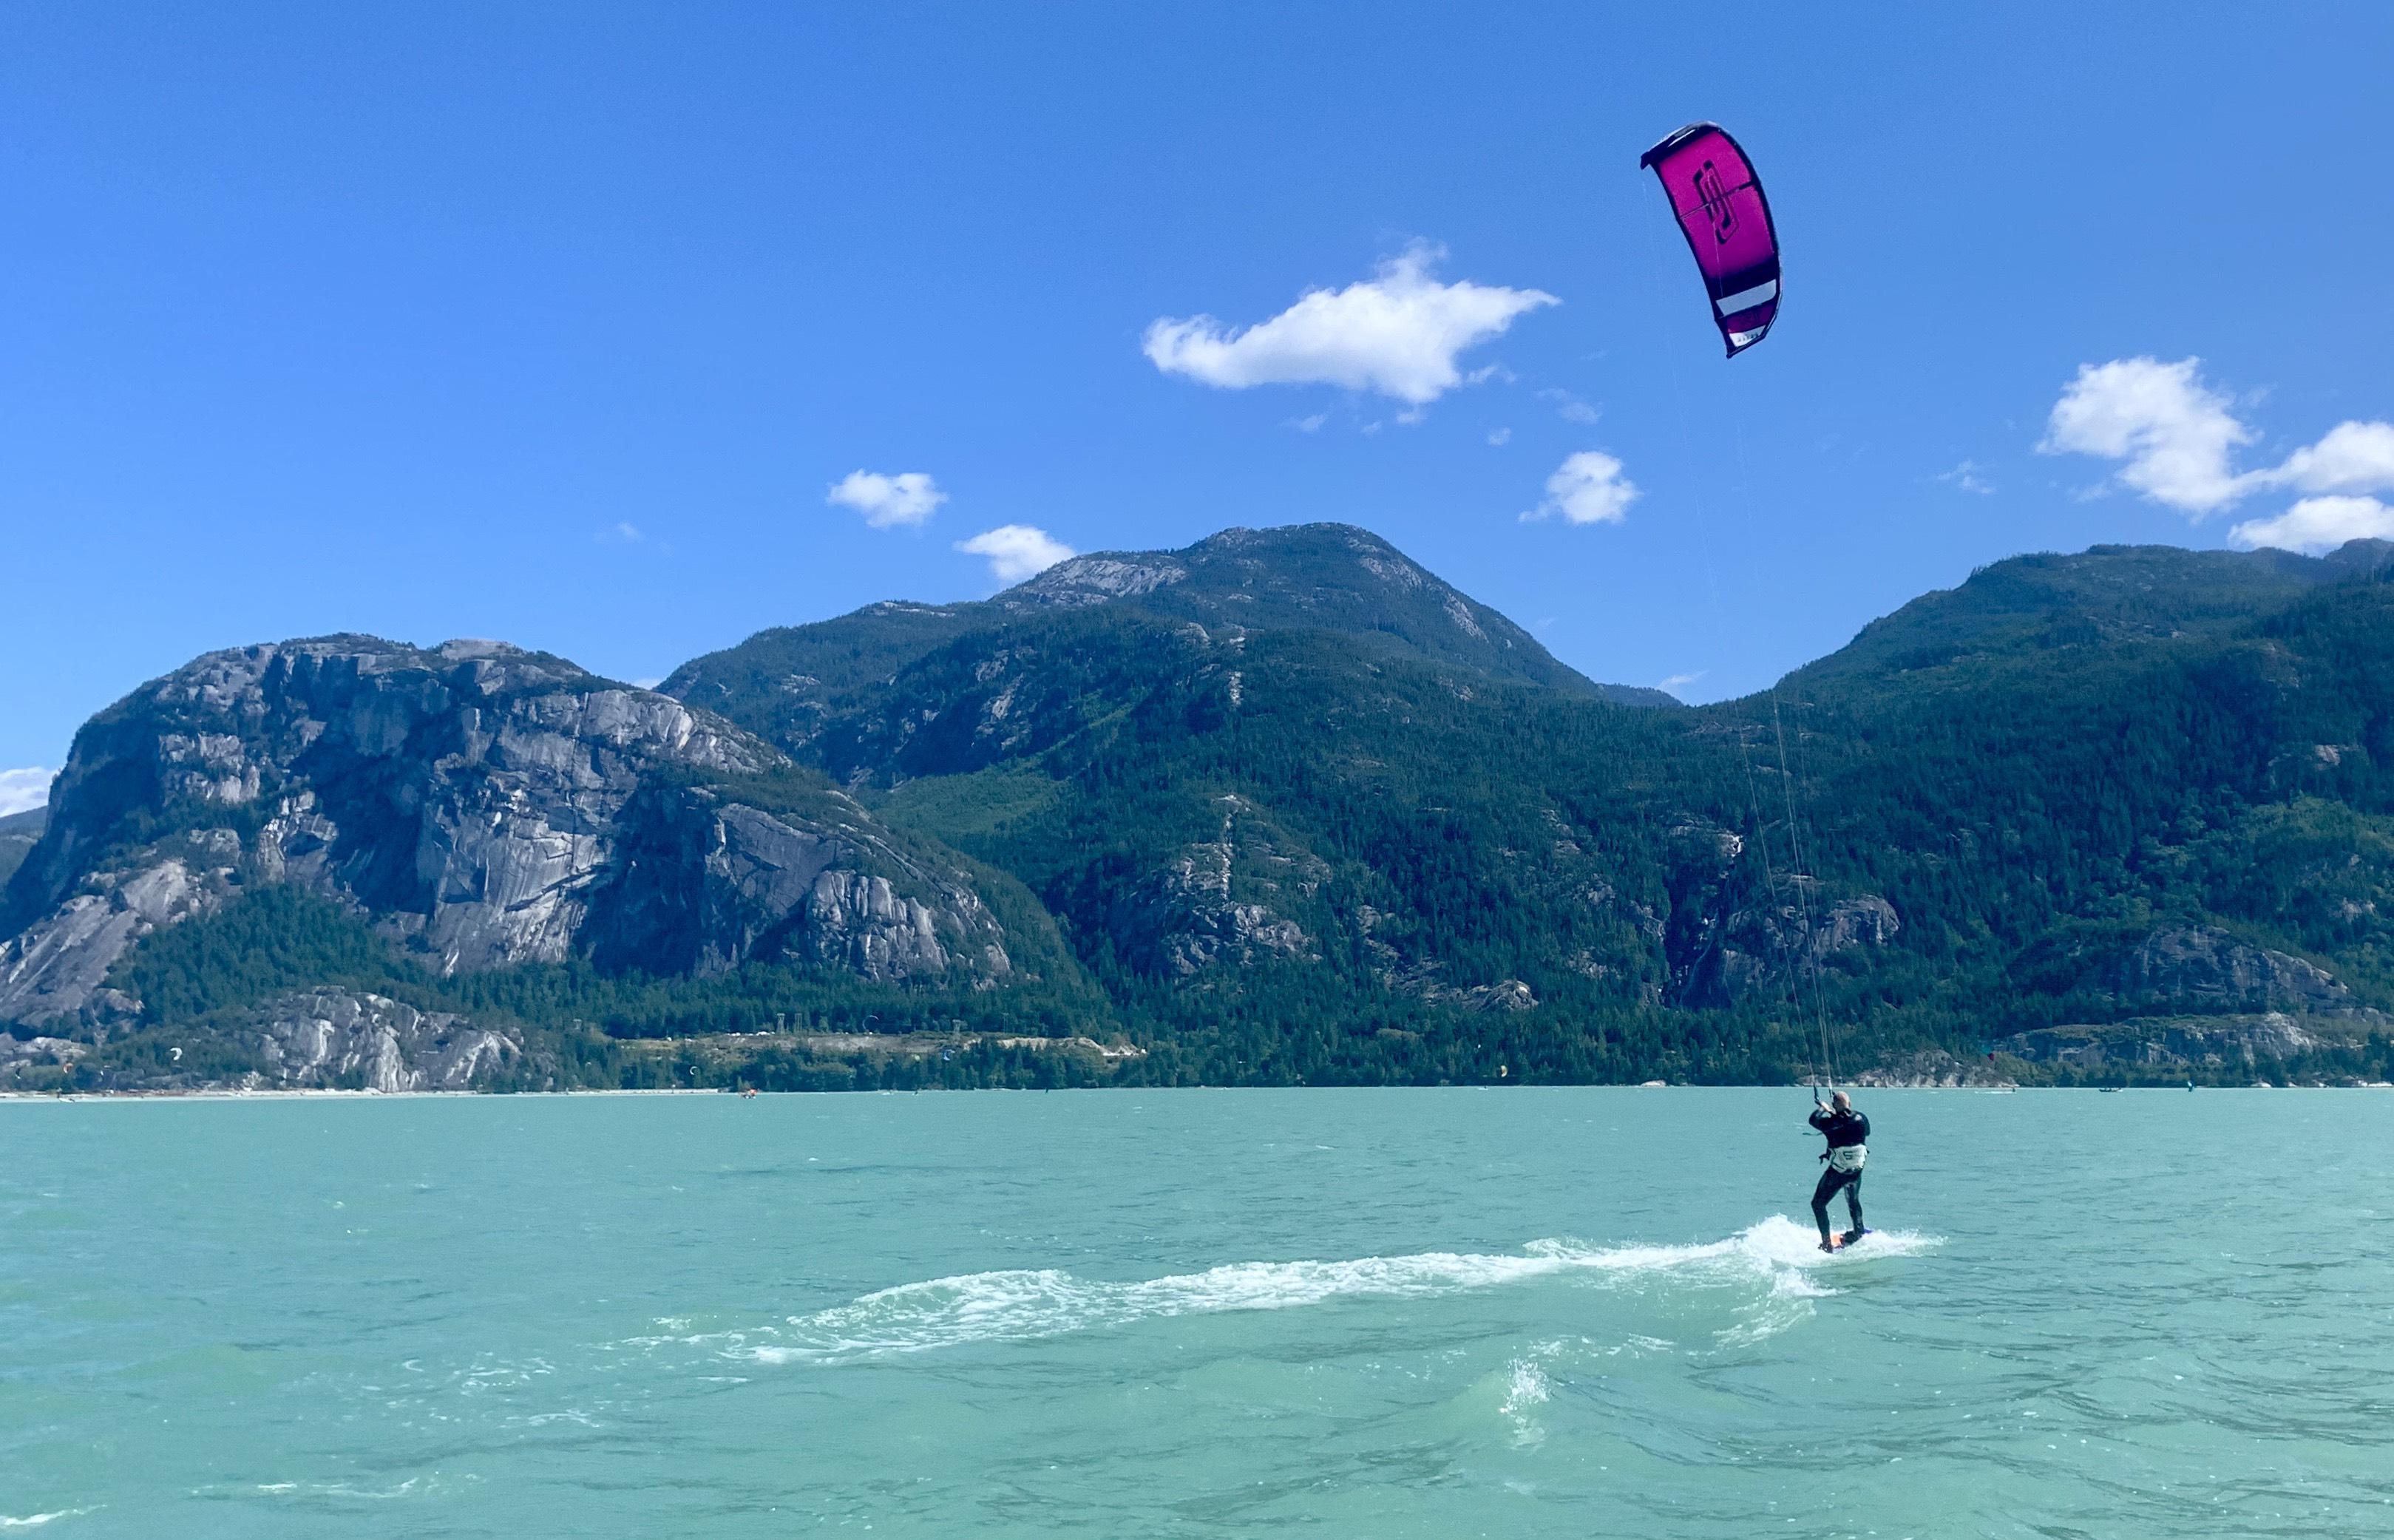 Kitesurf Canada